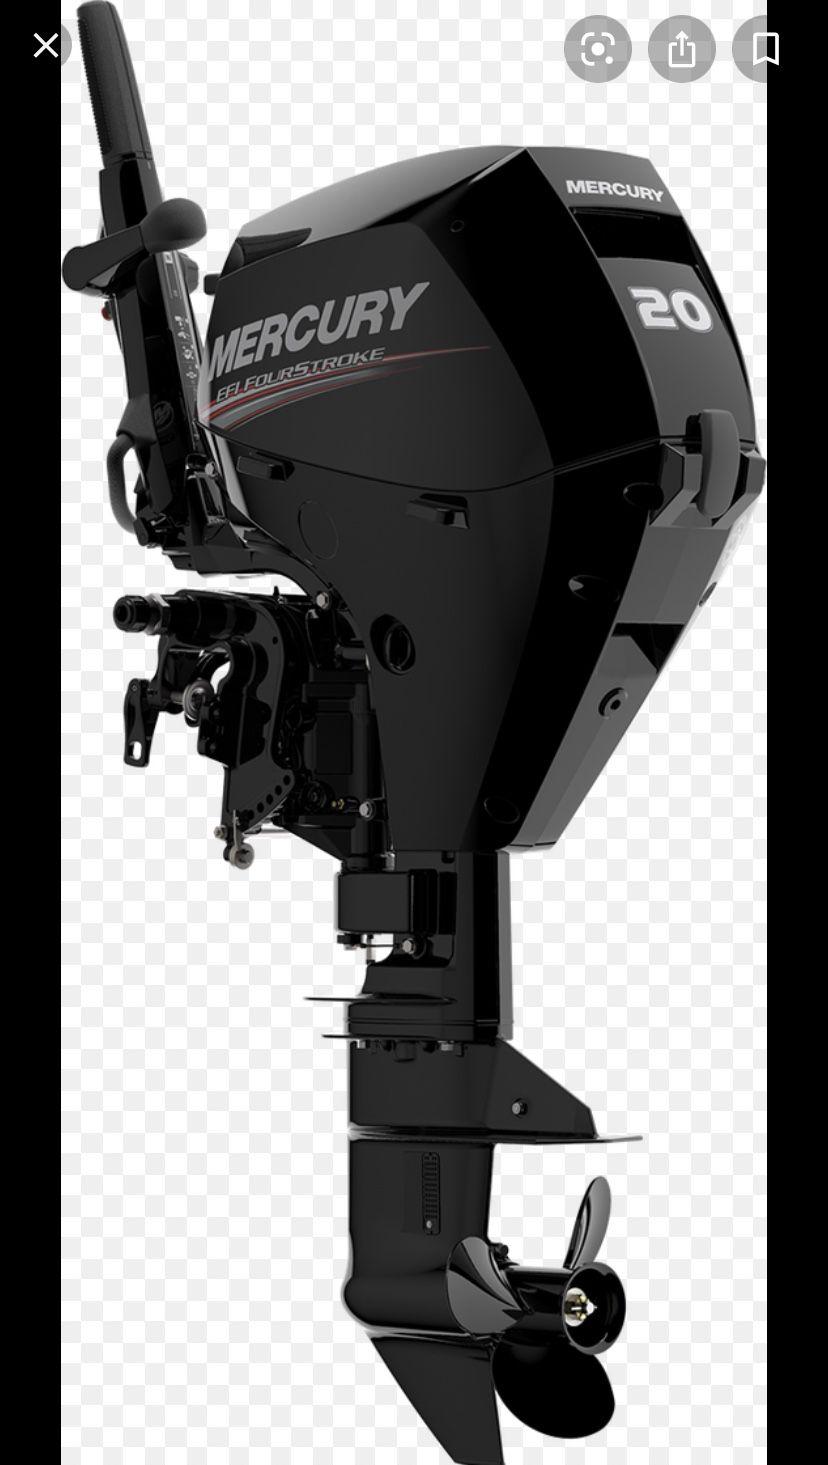 Photo Mercury outboard